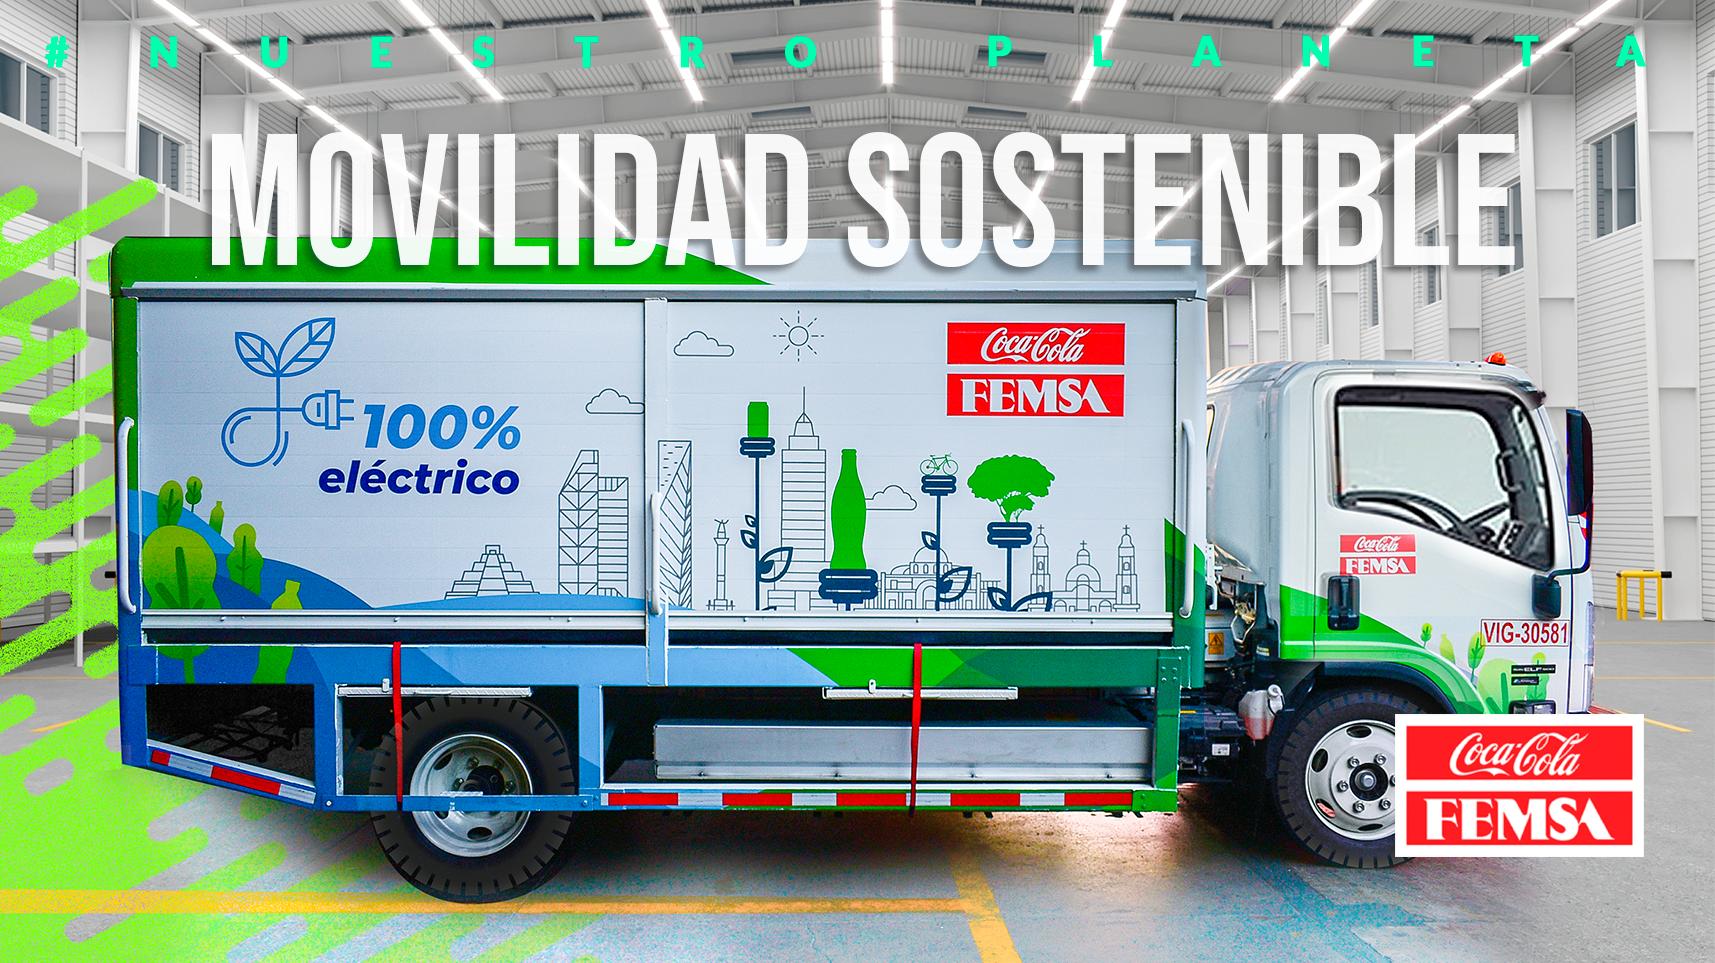 Movilidad sostenible en la estrategia de Coca-Cola FEMSA.